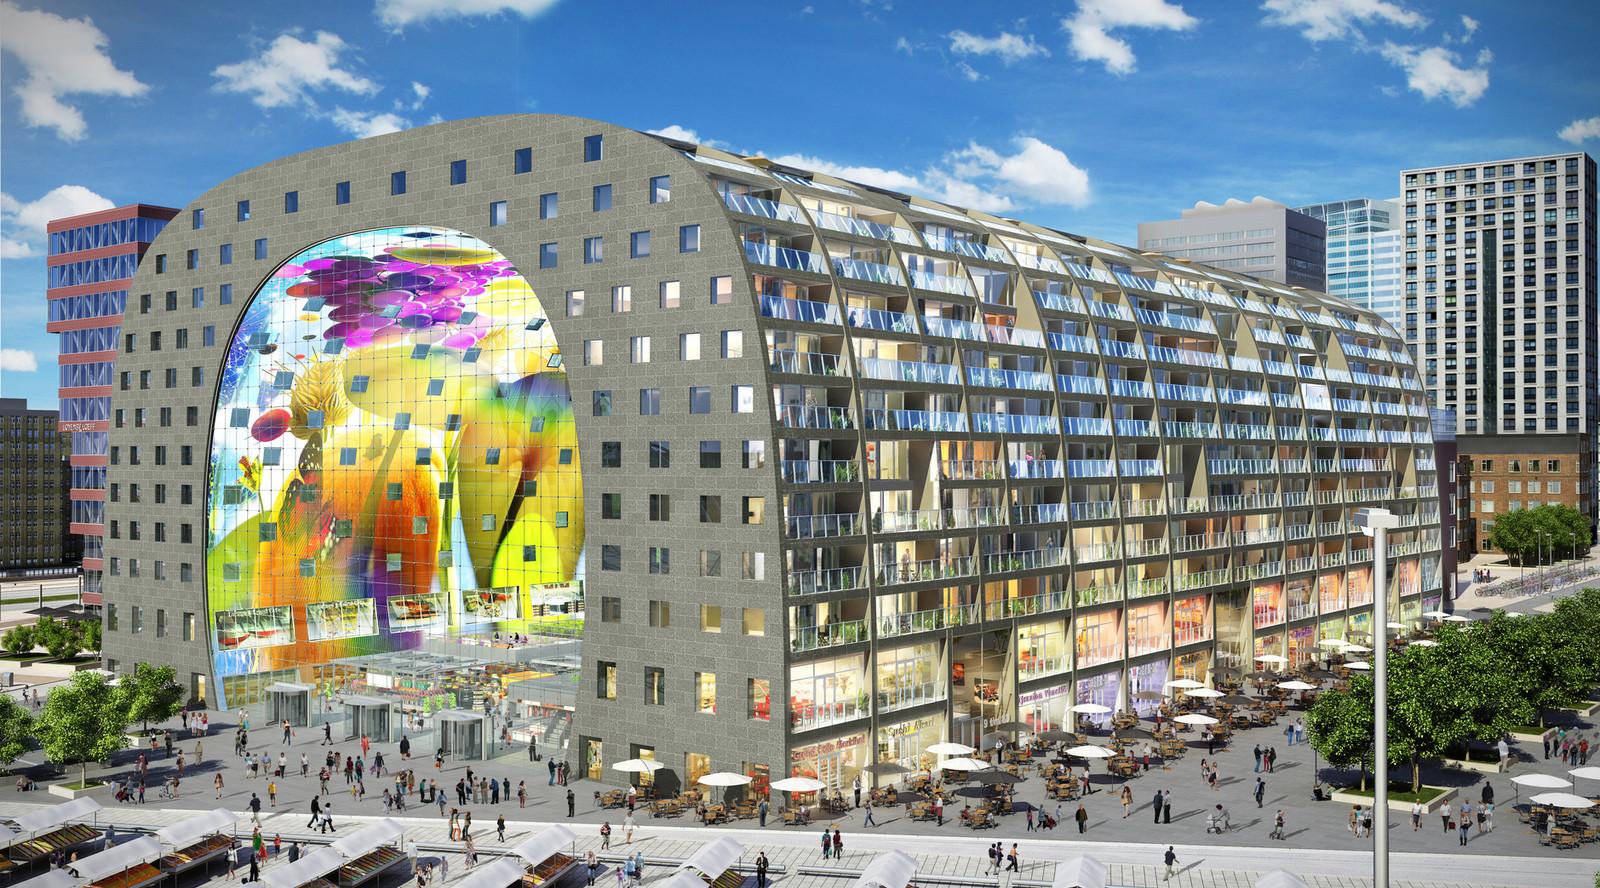 Artist Impression van de Rotterdamse Markthal